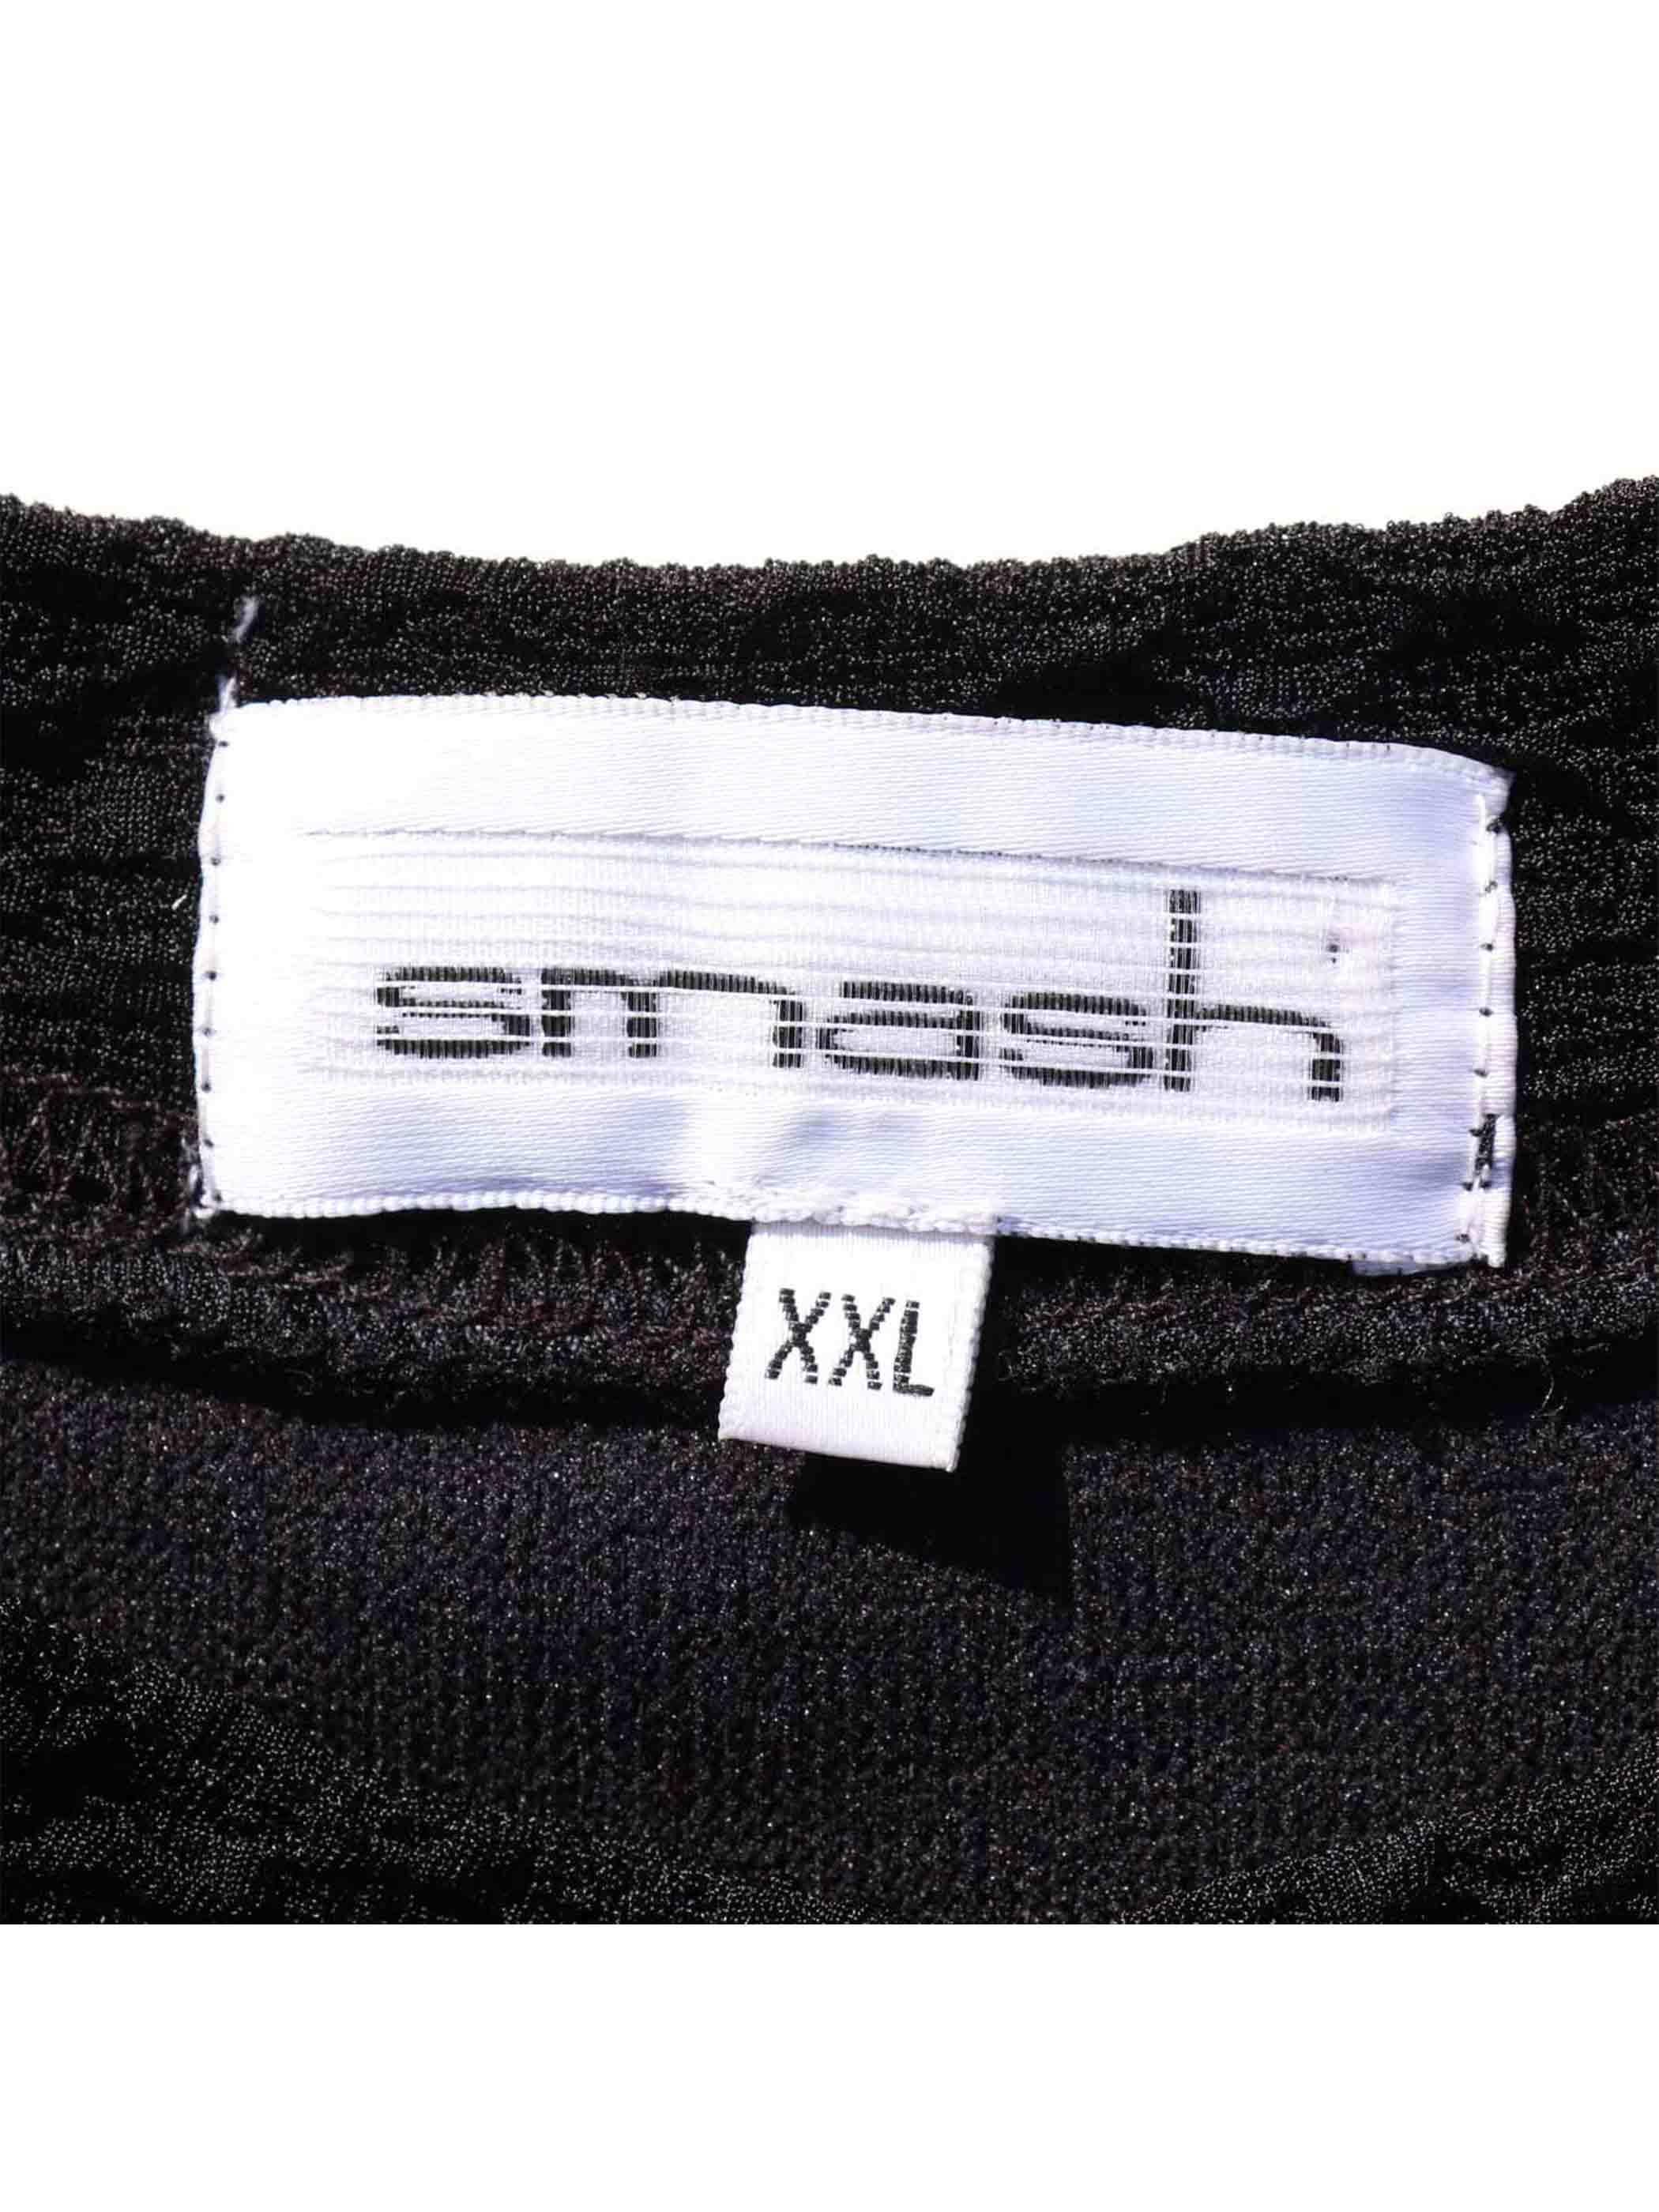 80's~ SMASH USA製 ポリエステルクレープ 無地Tシャツ [XXL]